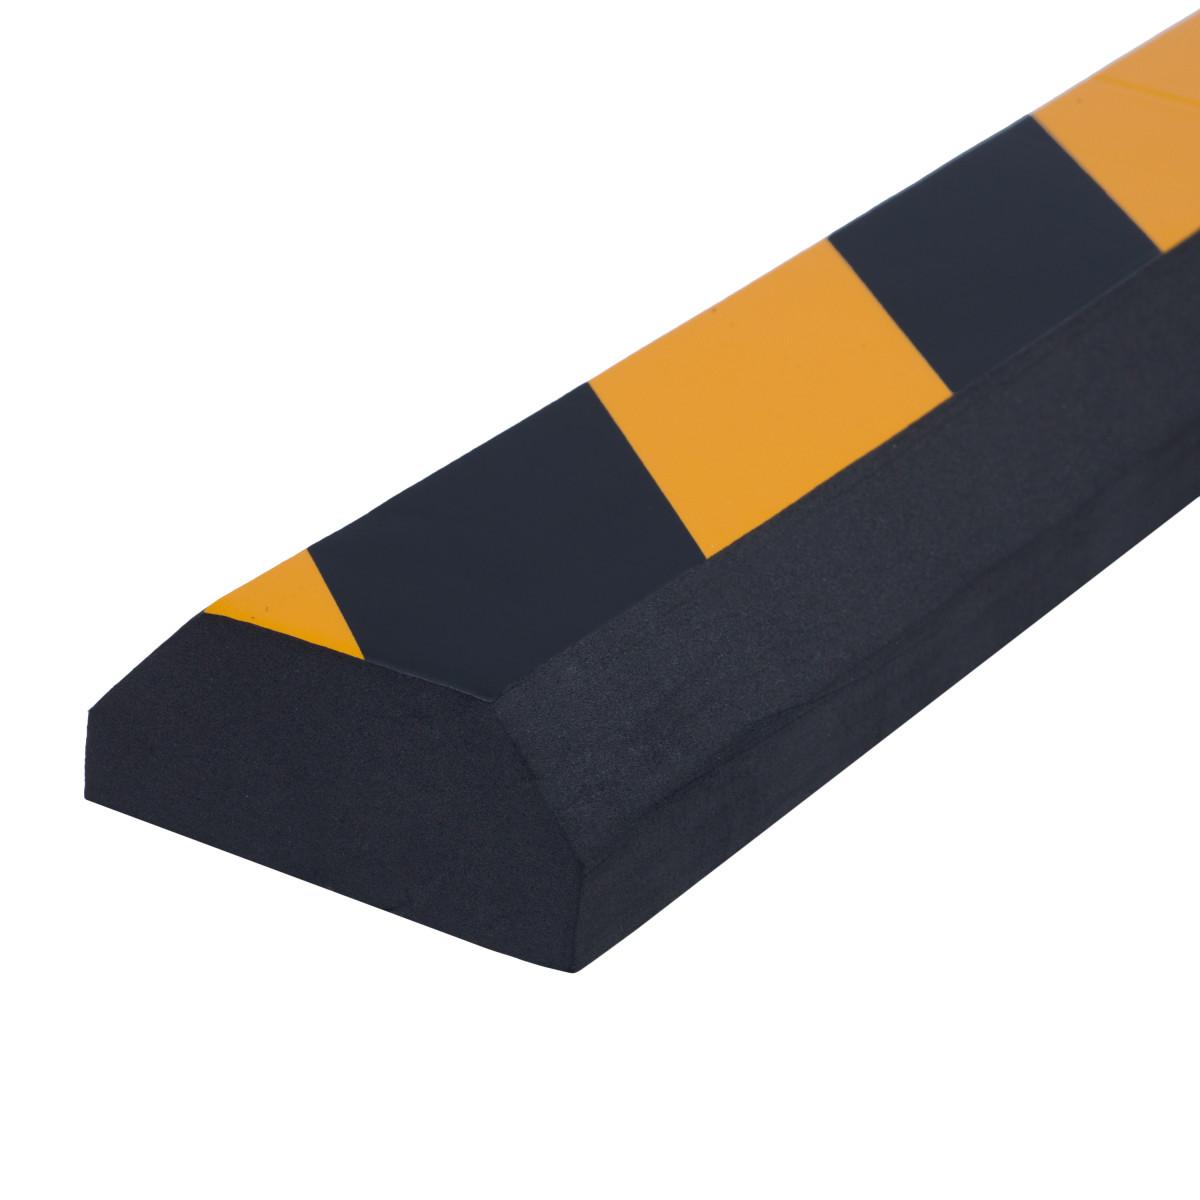 Демпфер для стен Standers мягкий 50x7 см цвет черный/желтый 2 шт.